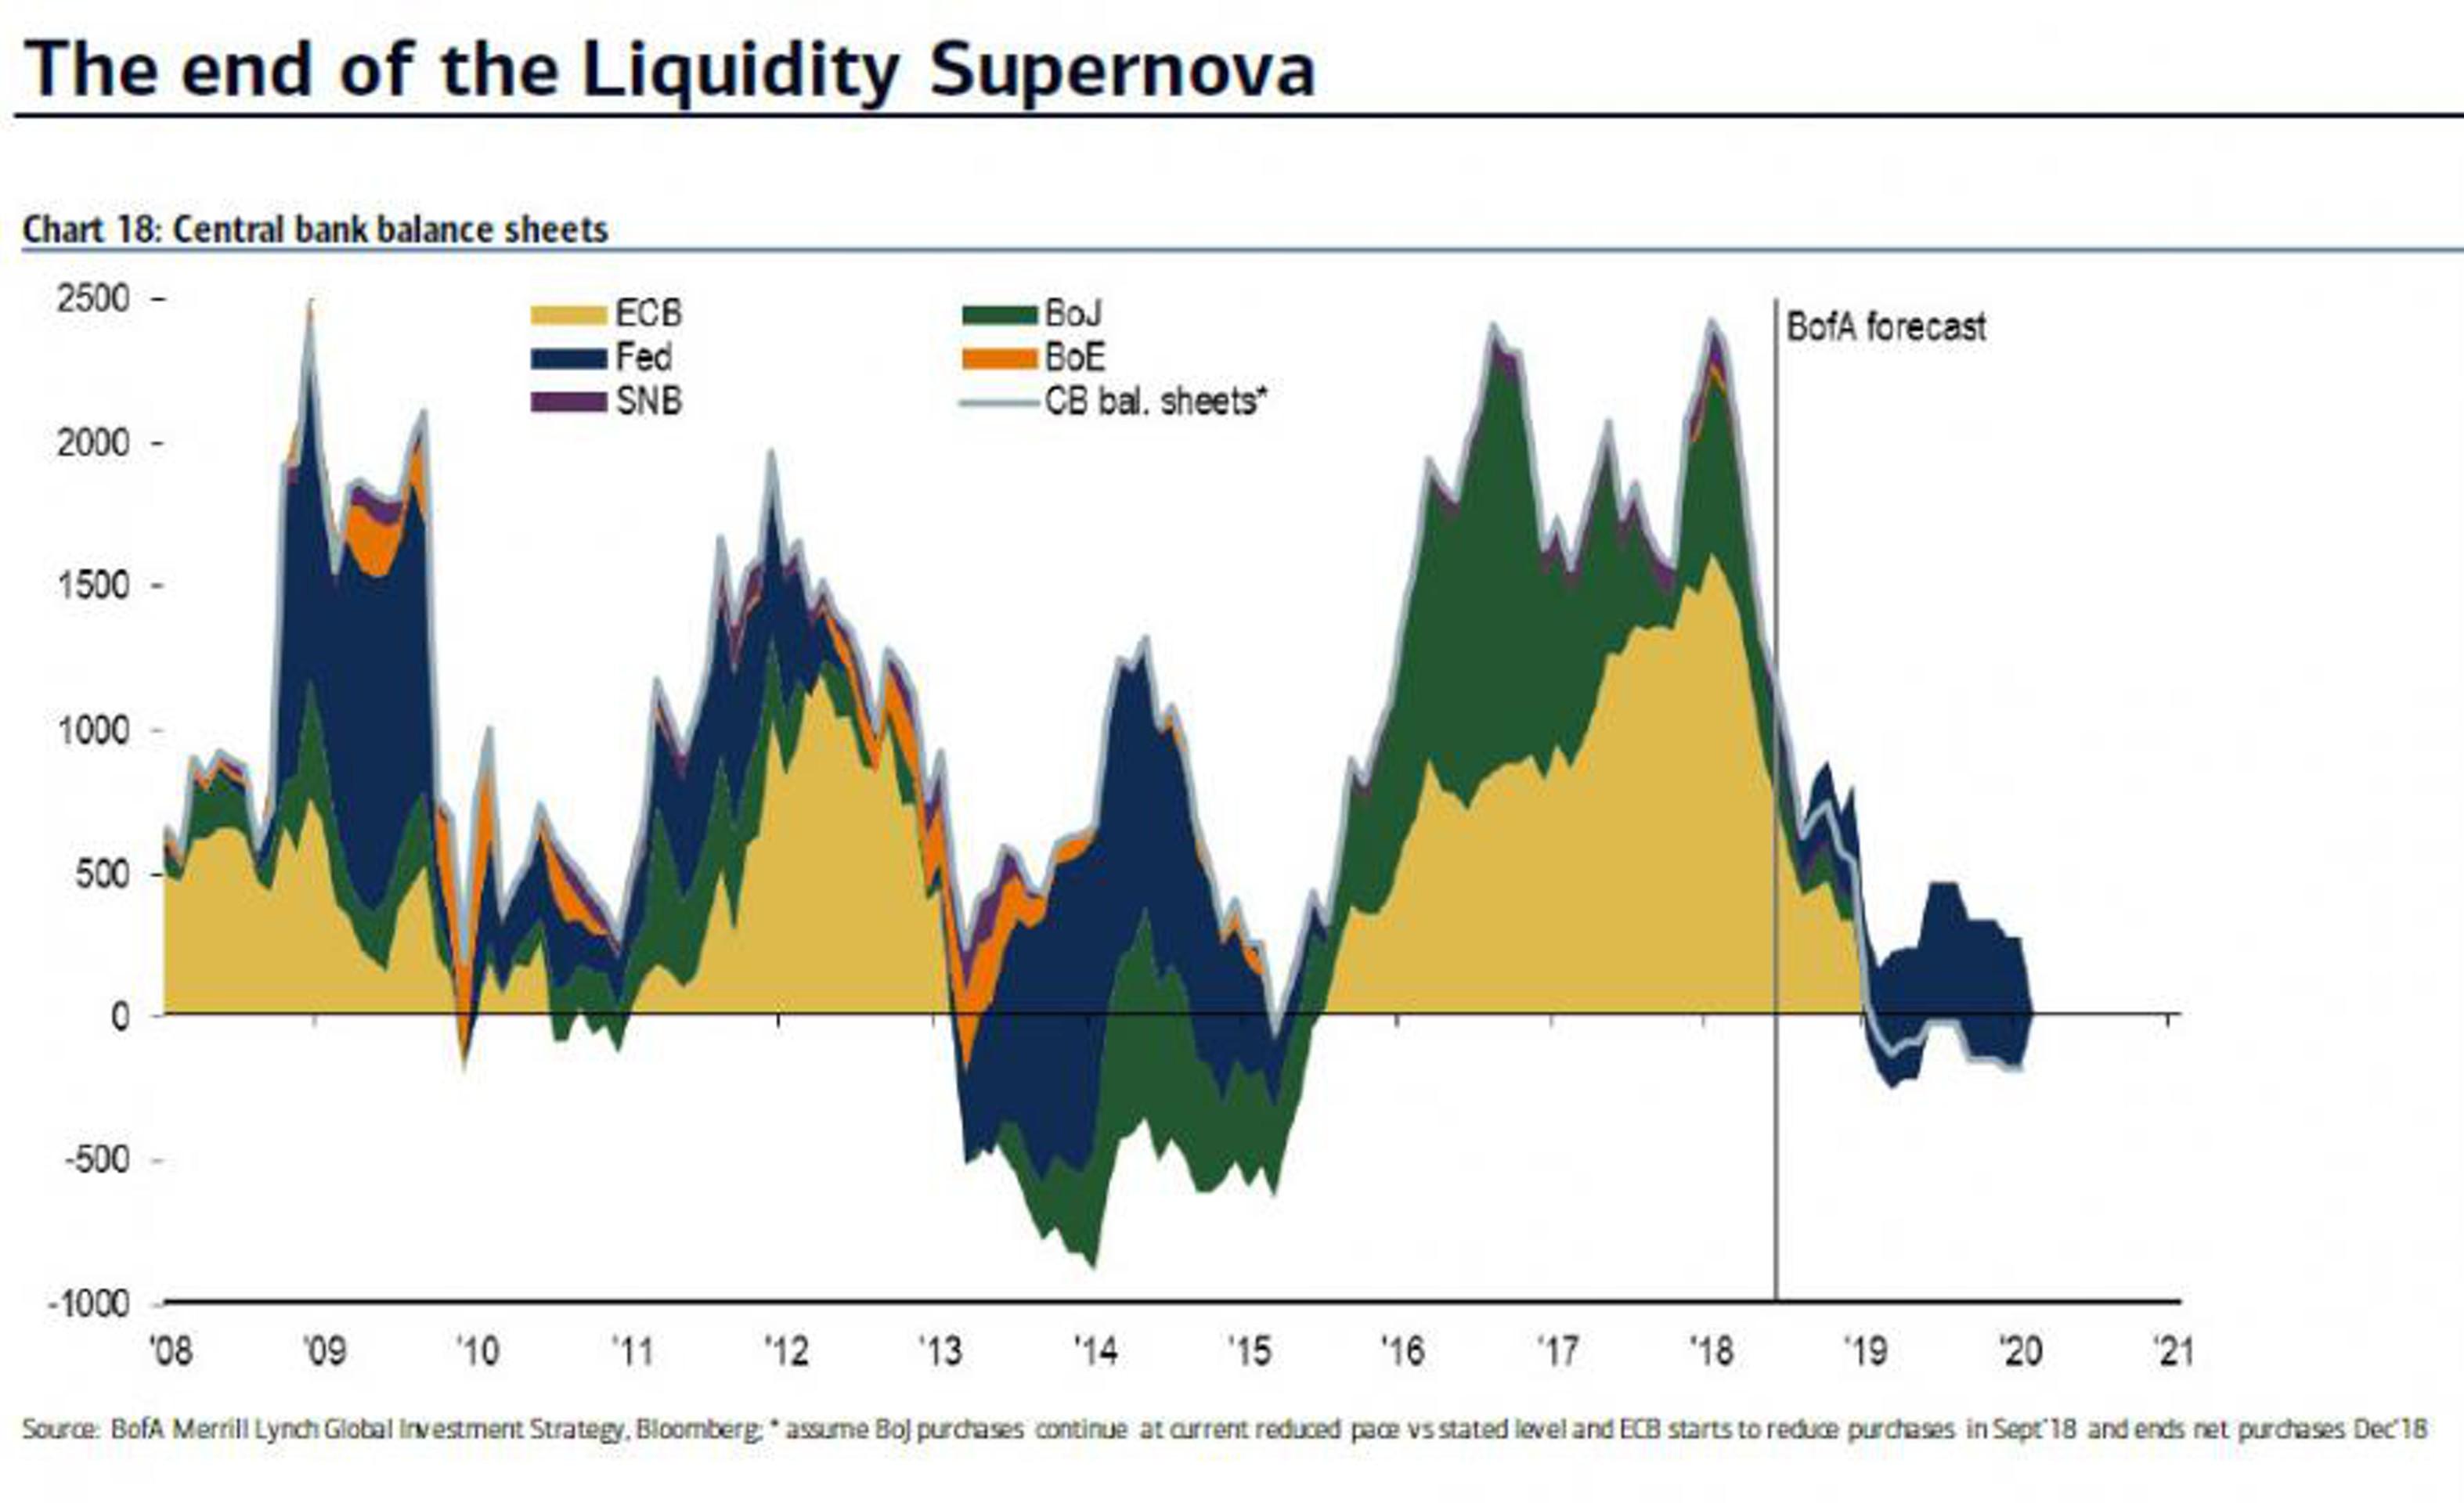 Нормализация политики ФРС - путь к новому кризису